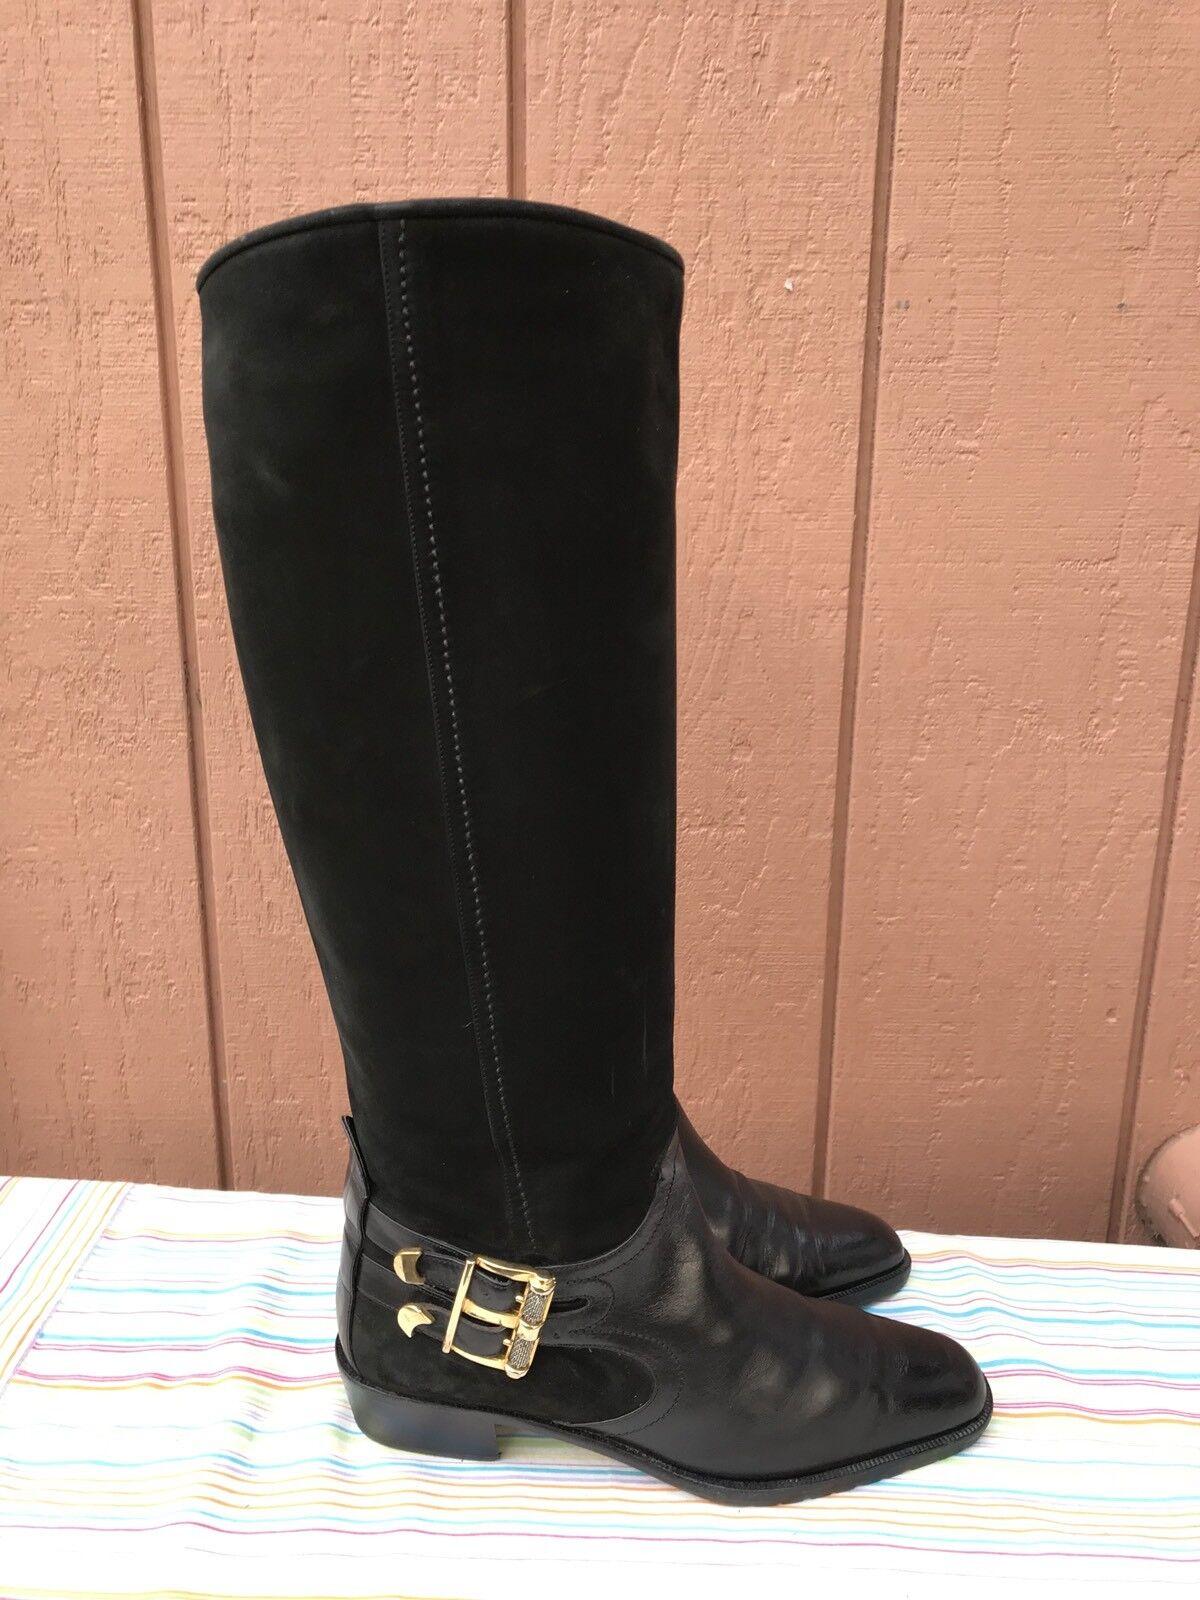 prendiamo i clienti come nostro dio RARE Via Spiga Knee High Riding stivali stivali stivali nero Suede & Leather Dimensione US 7.5 B  650  articoli promozionali